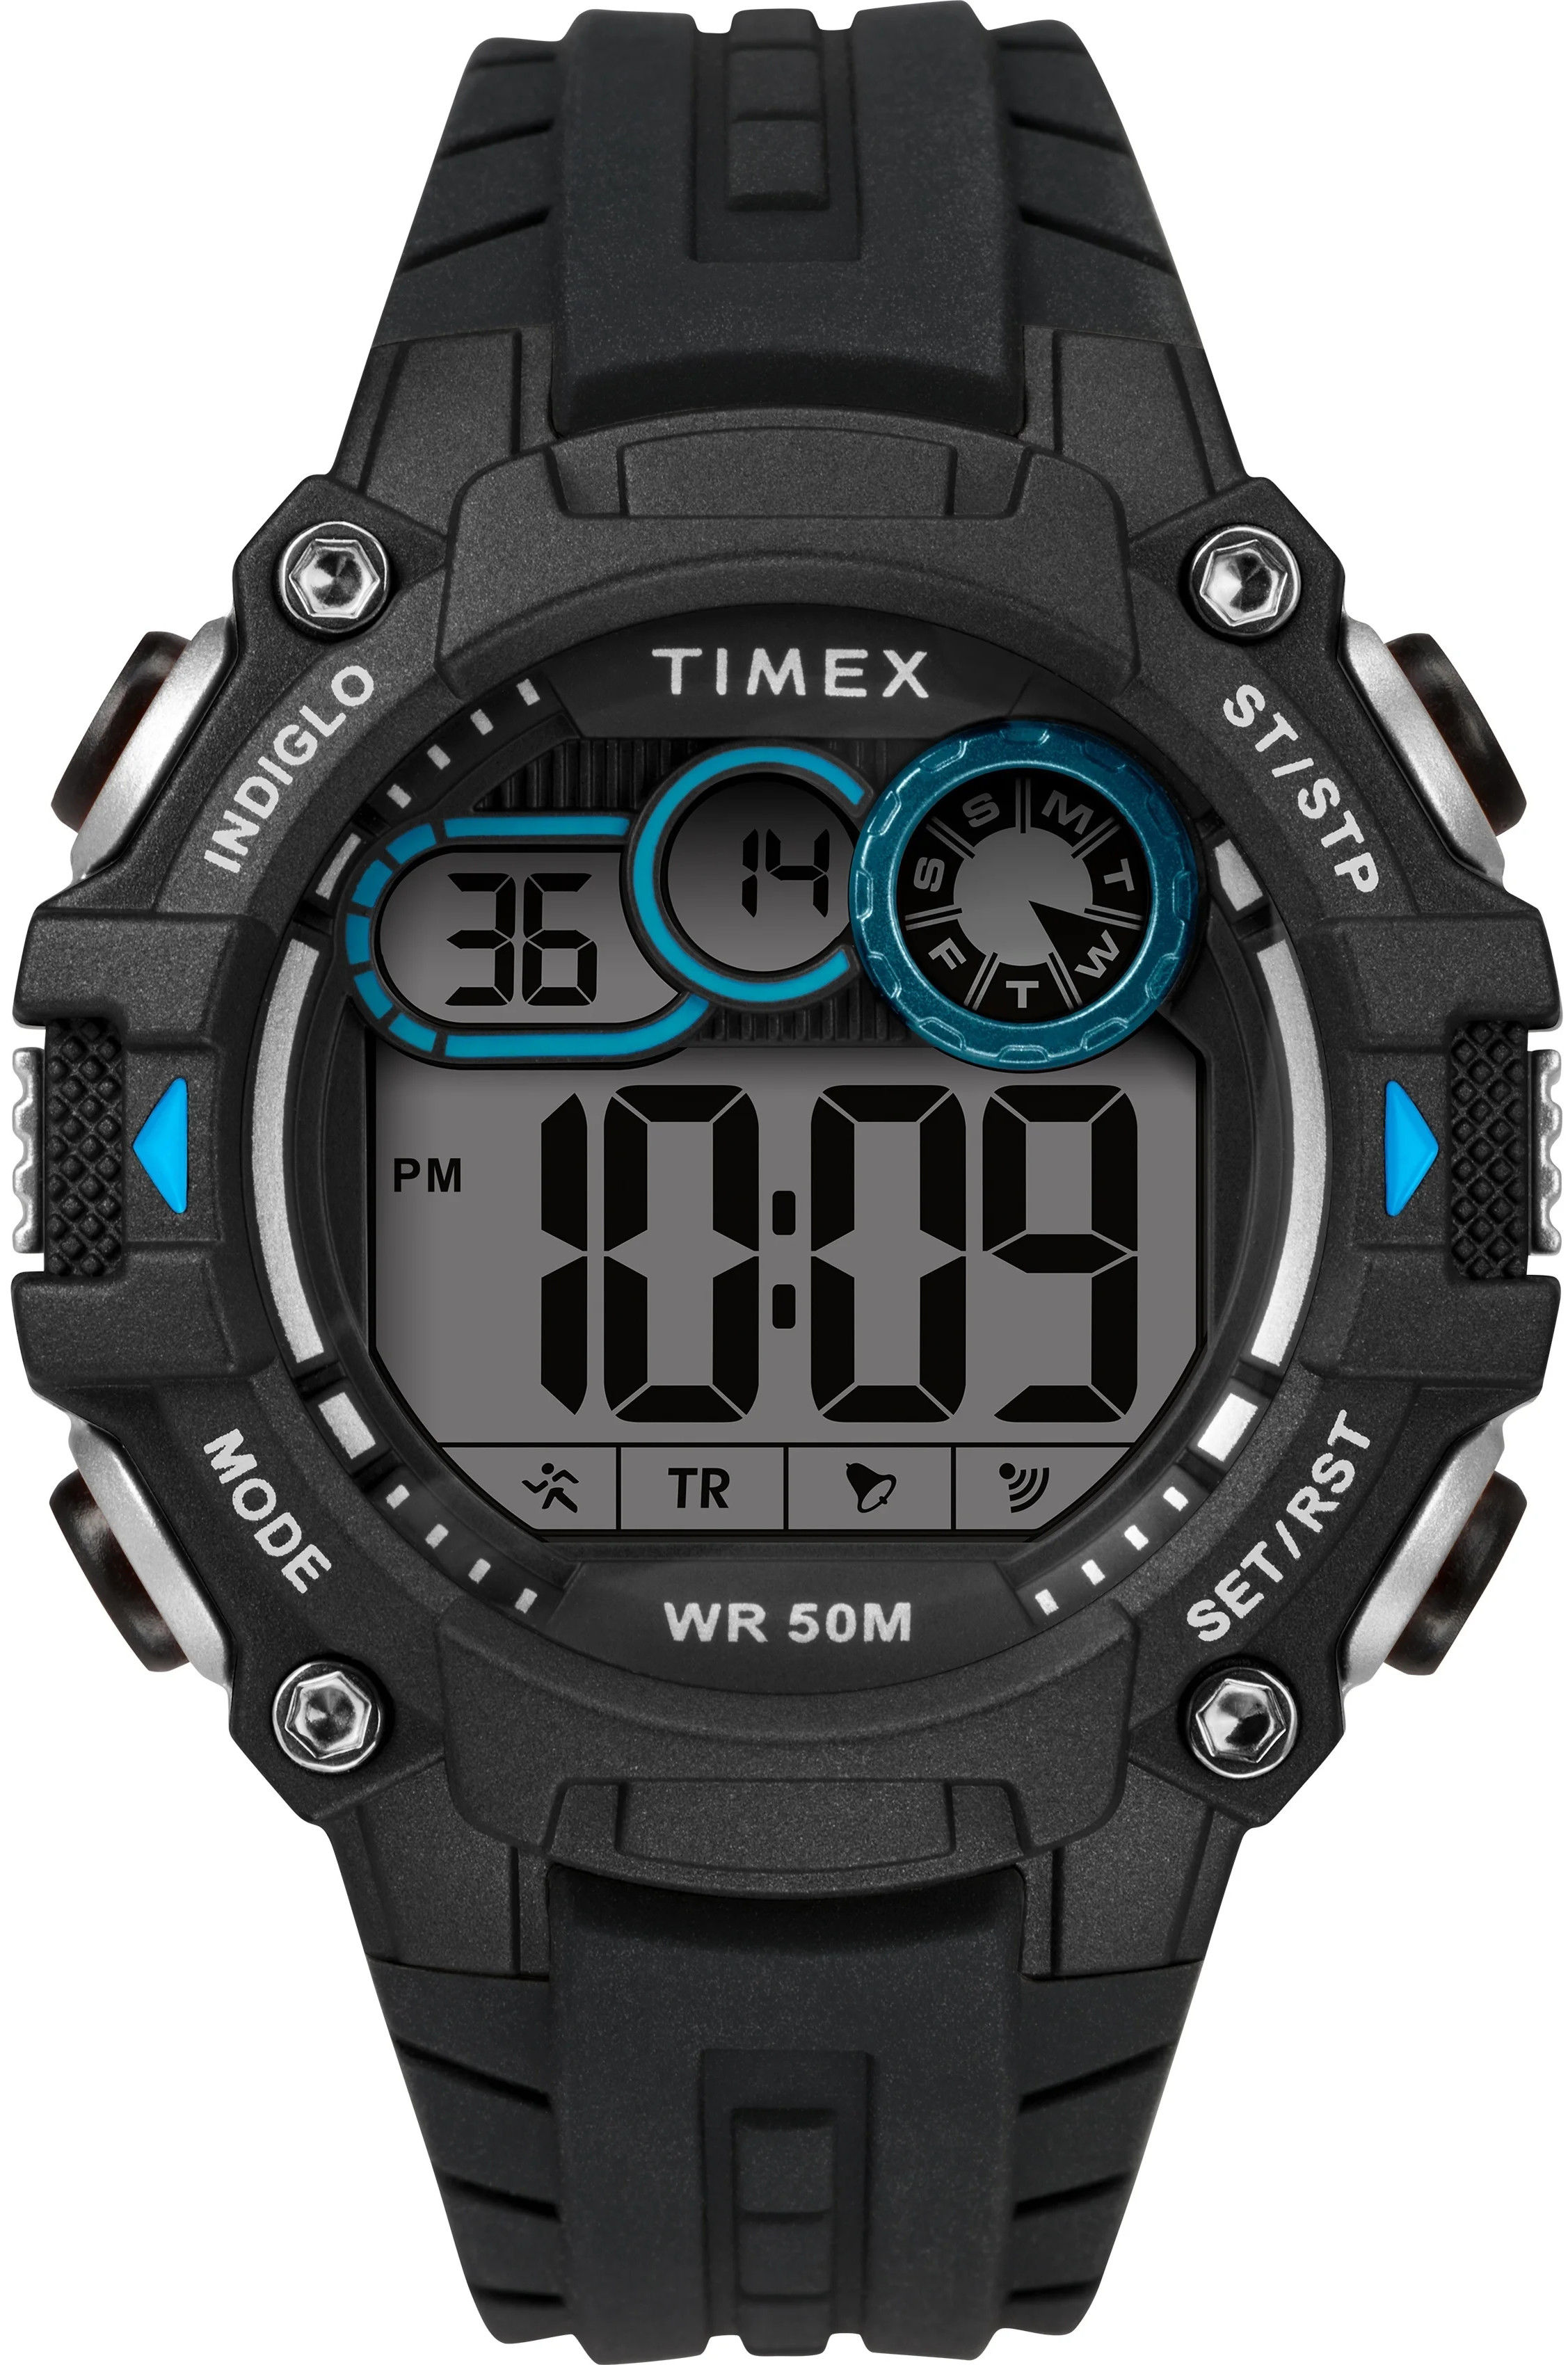 fa940256a Pánské hodinky - silikonový řemínek, pryskyřice pouzdro, plastové sklíčko.  Veškeré technické parametry naleznete níže